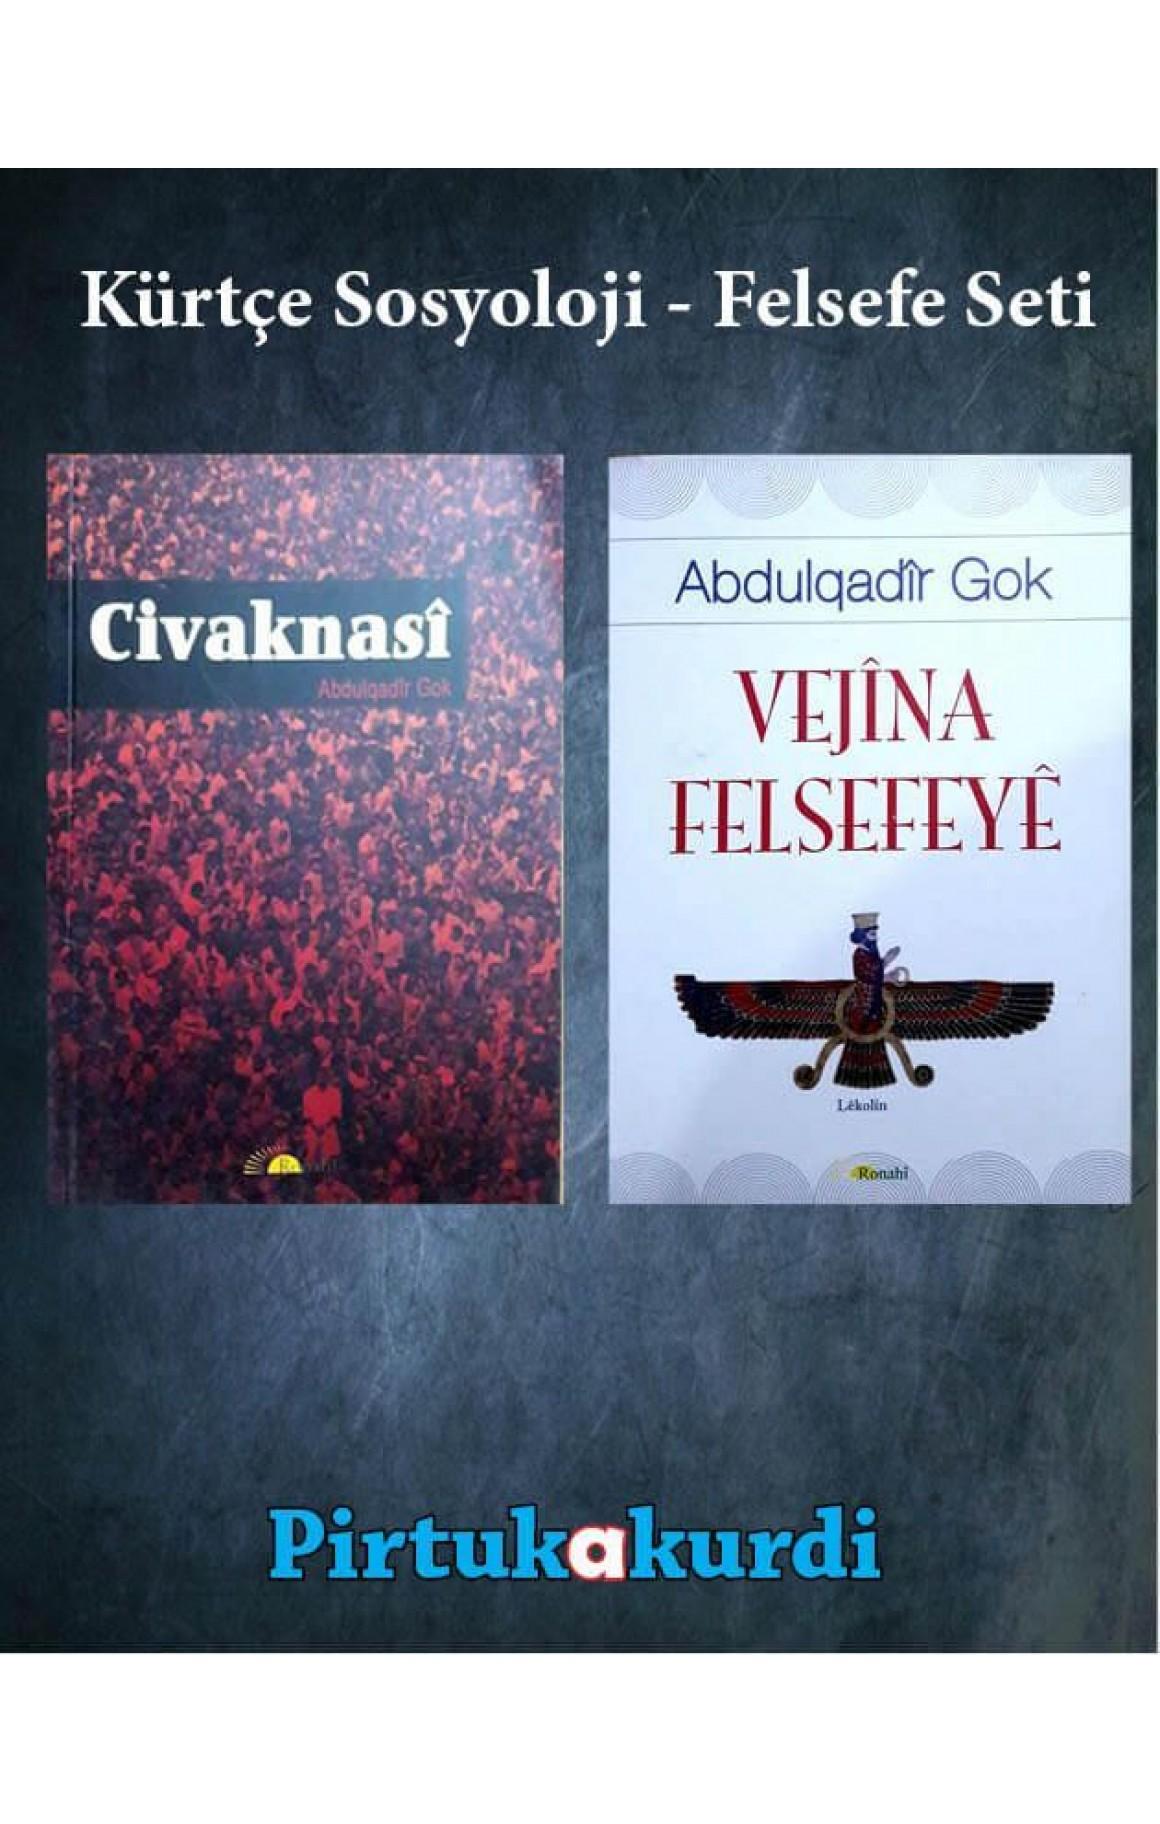 Kürtçe Sosyoloji - Felsefe Seti